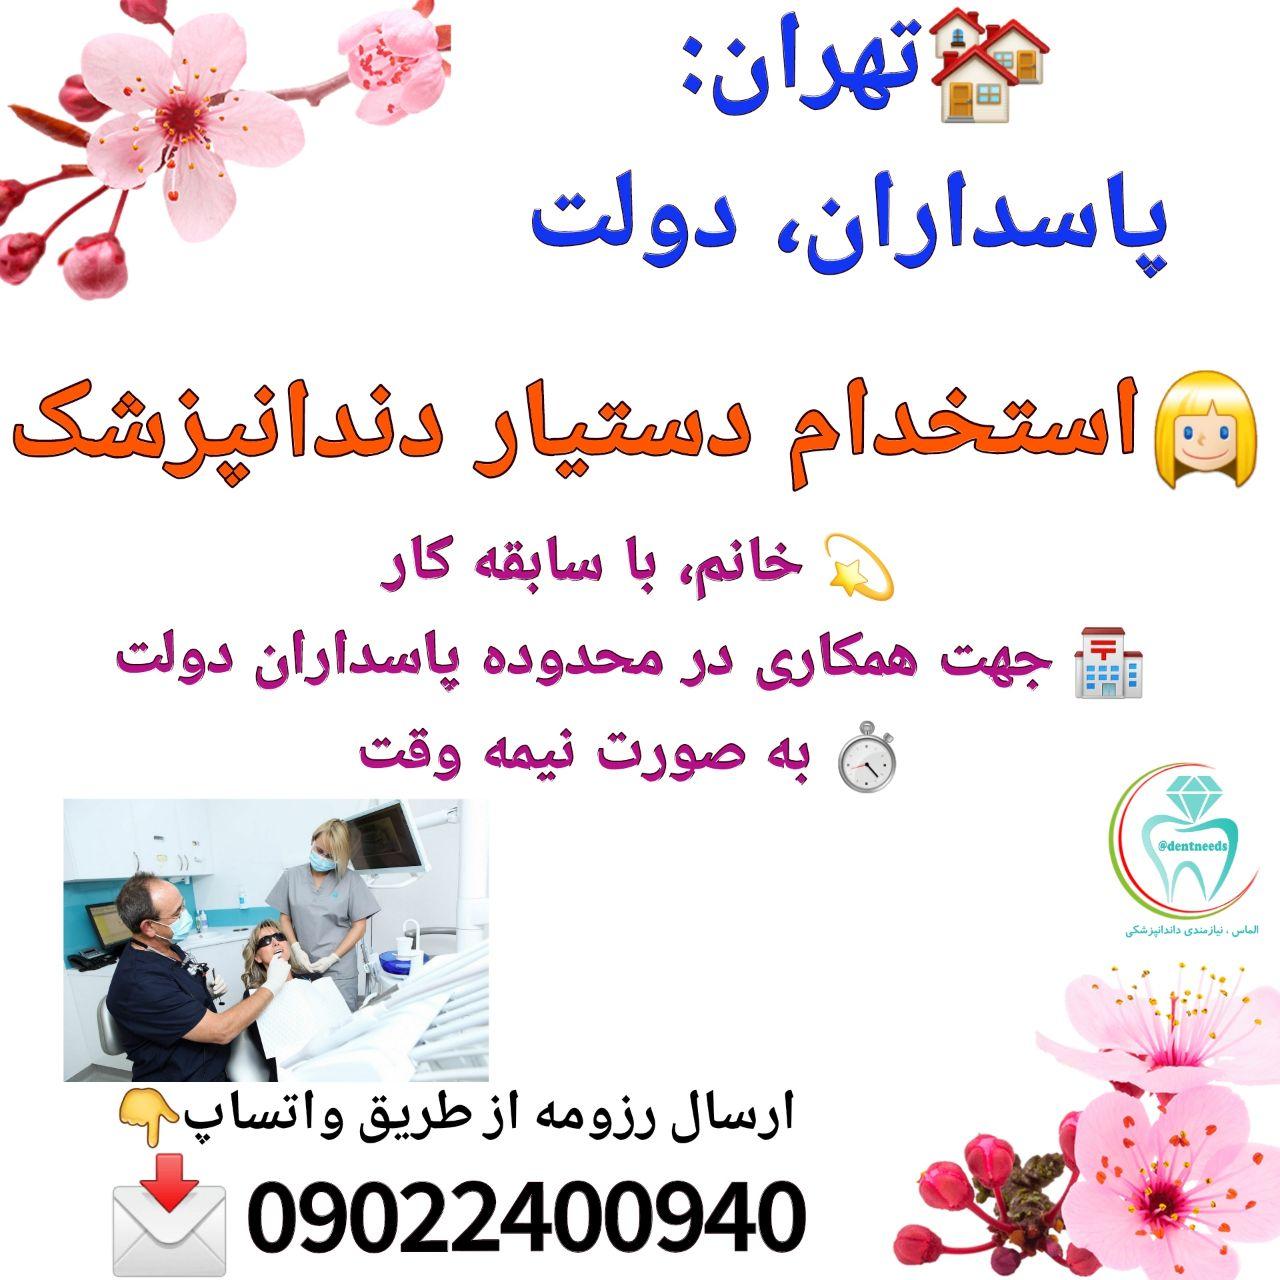 تهران: پاسداران، دولت، نیاز به دستیار دندانپزشک